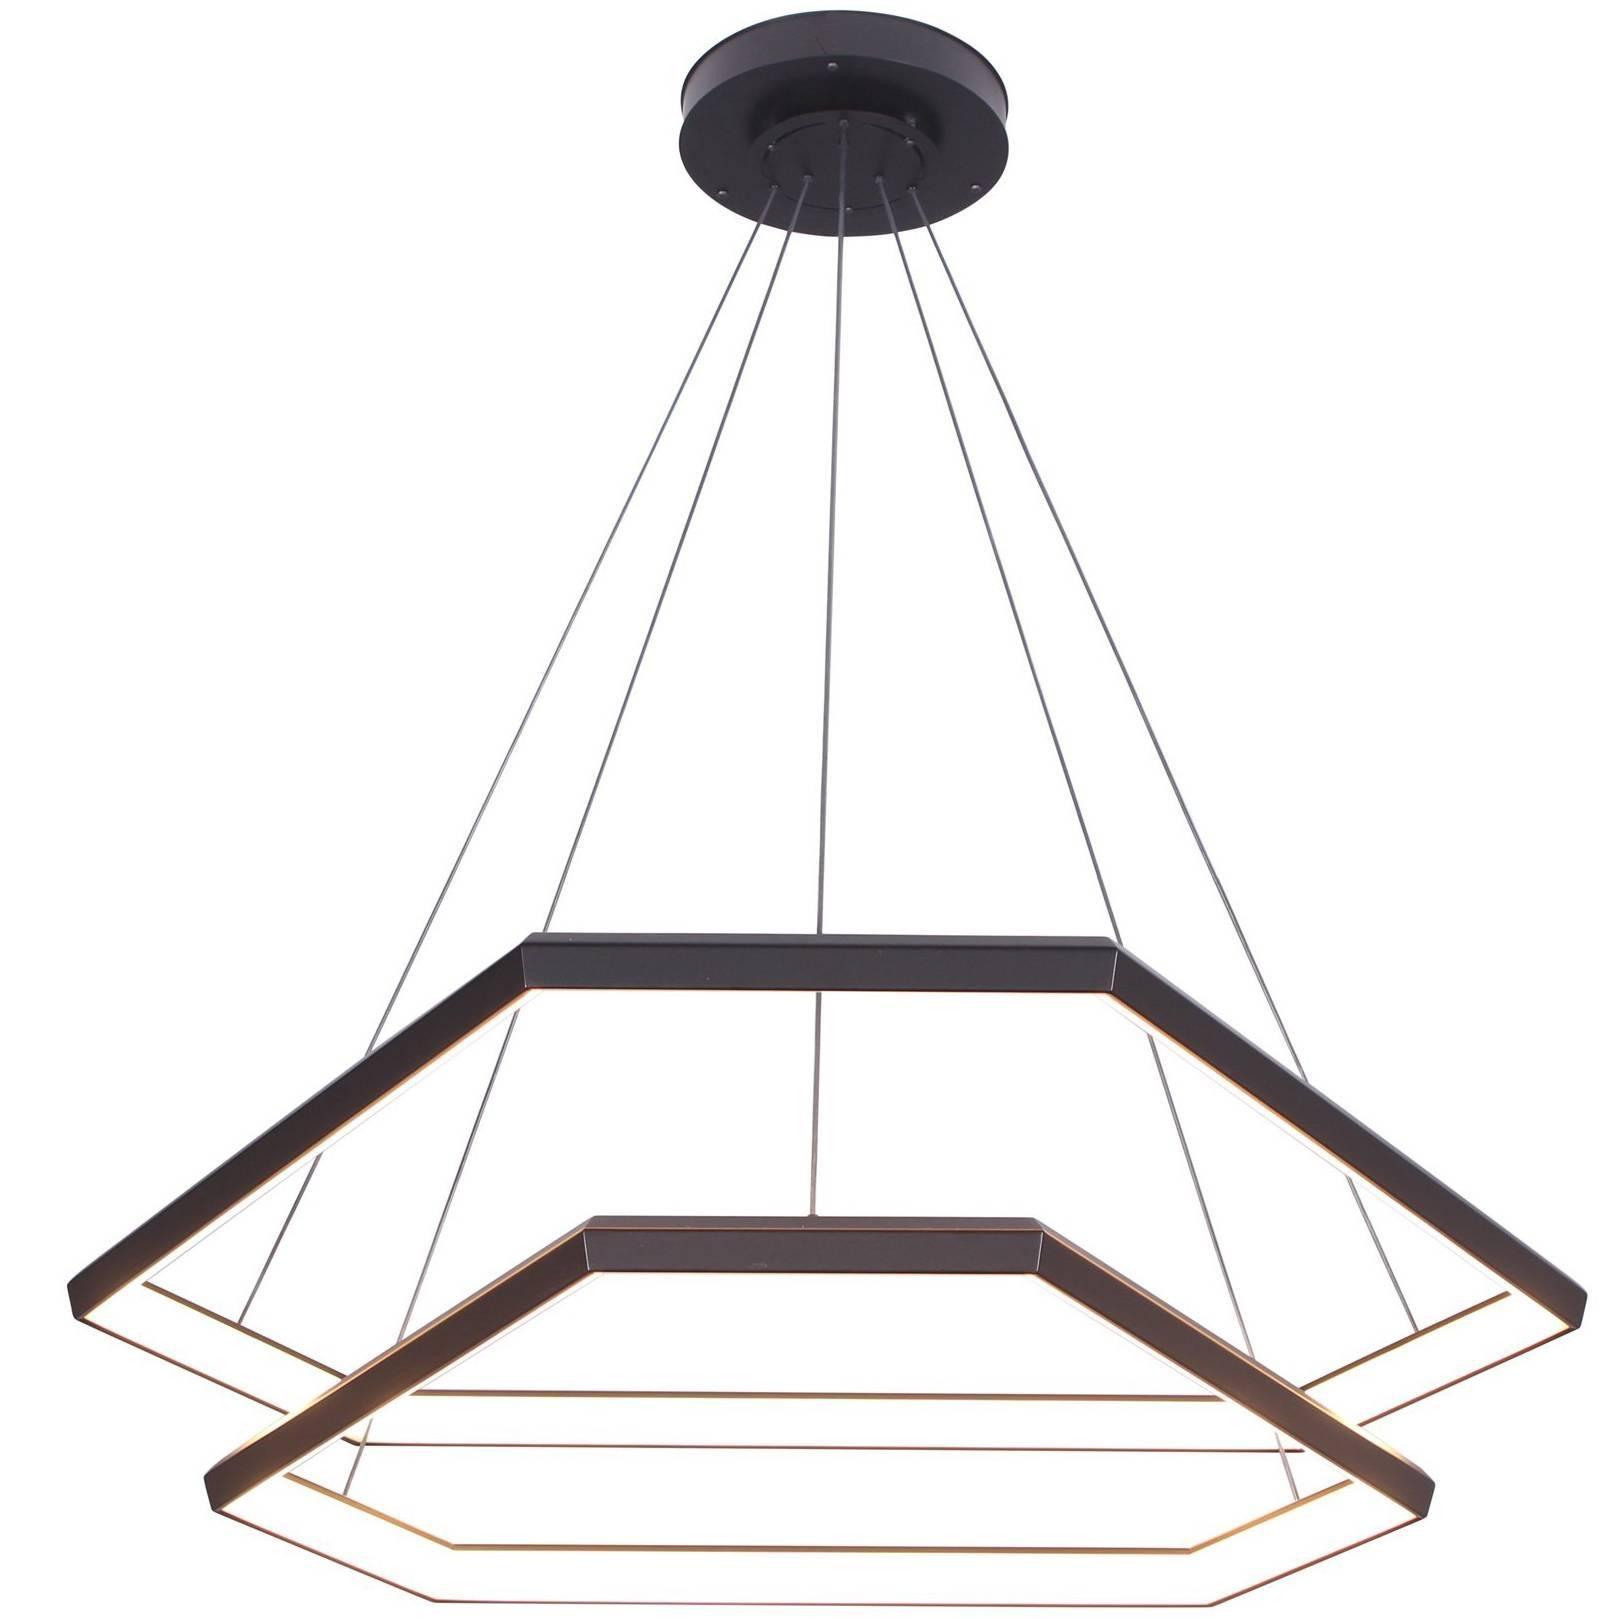 DITRI CASCADE DXC43 - Black Hexagon Modern Chandelier Light Fixture